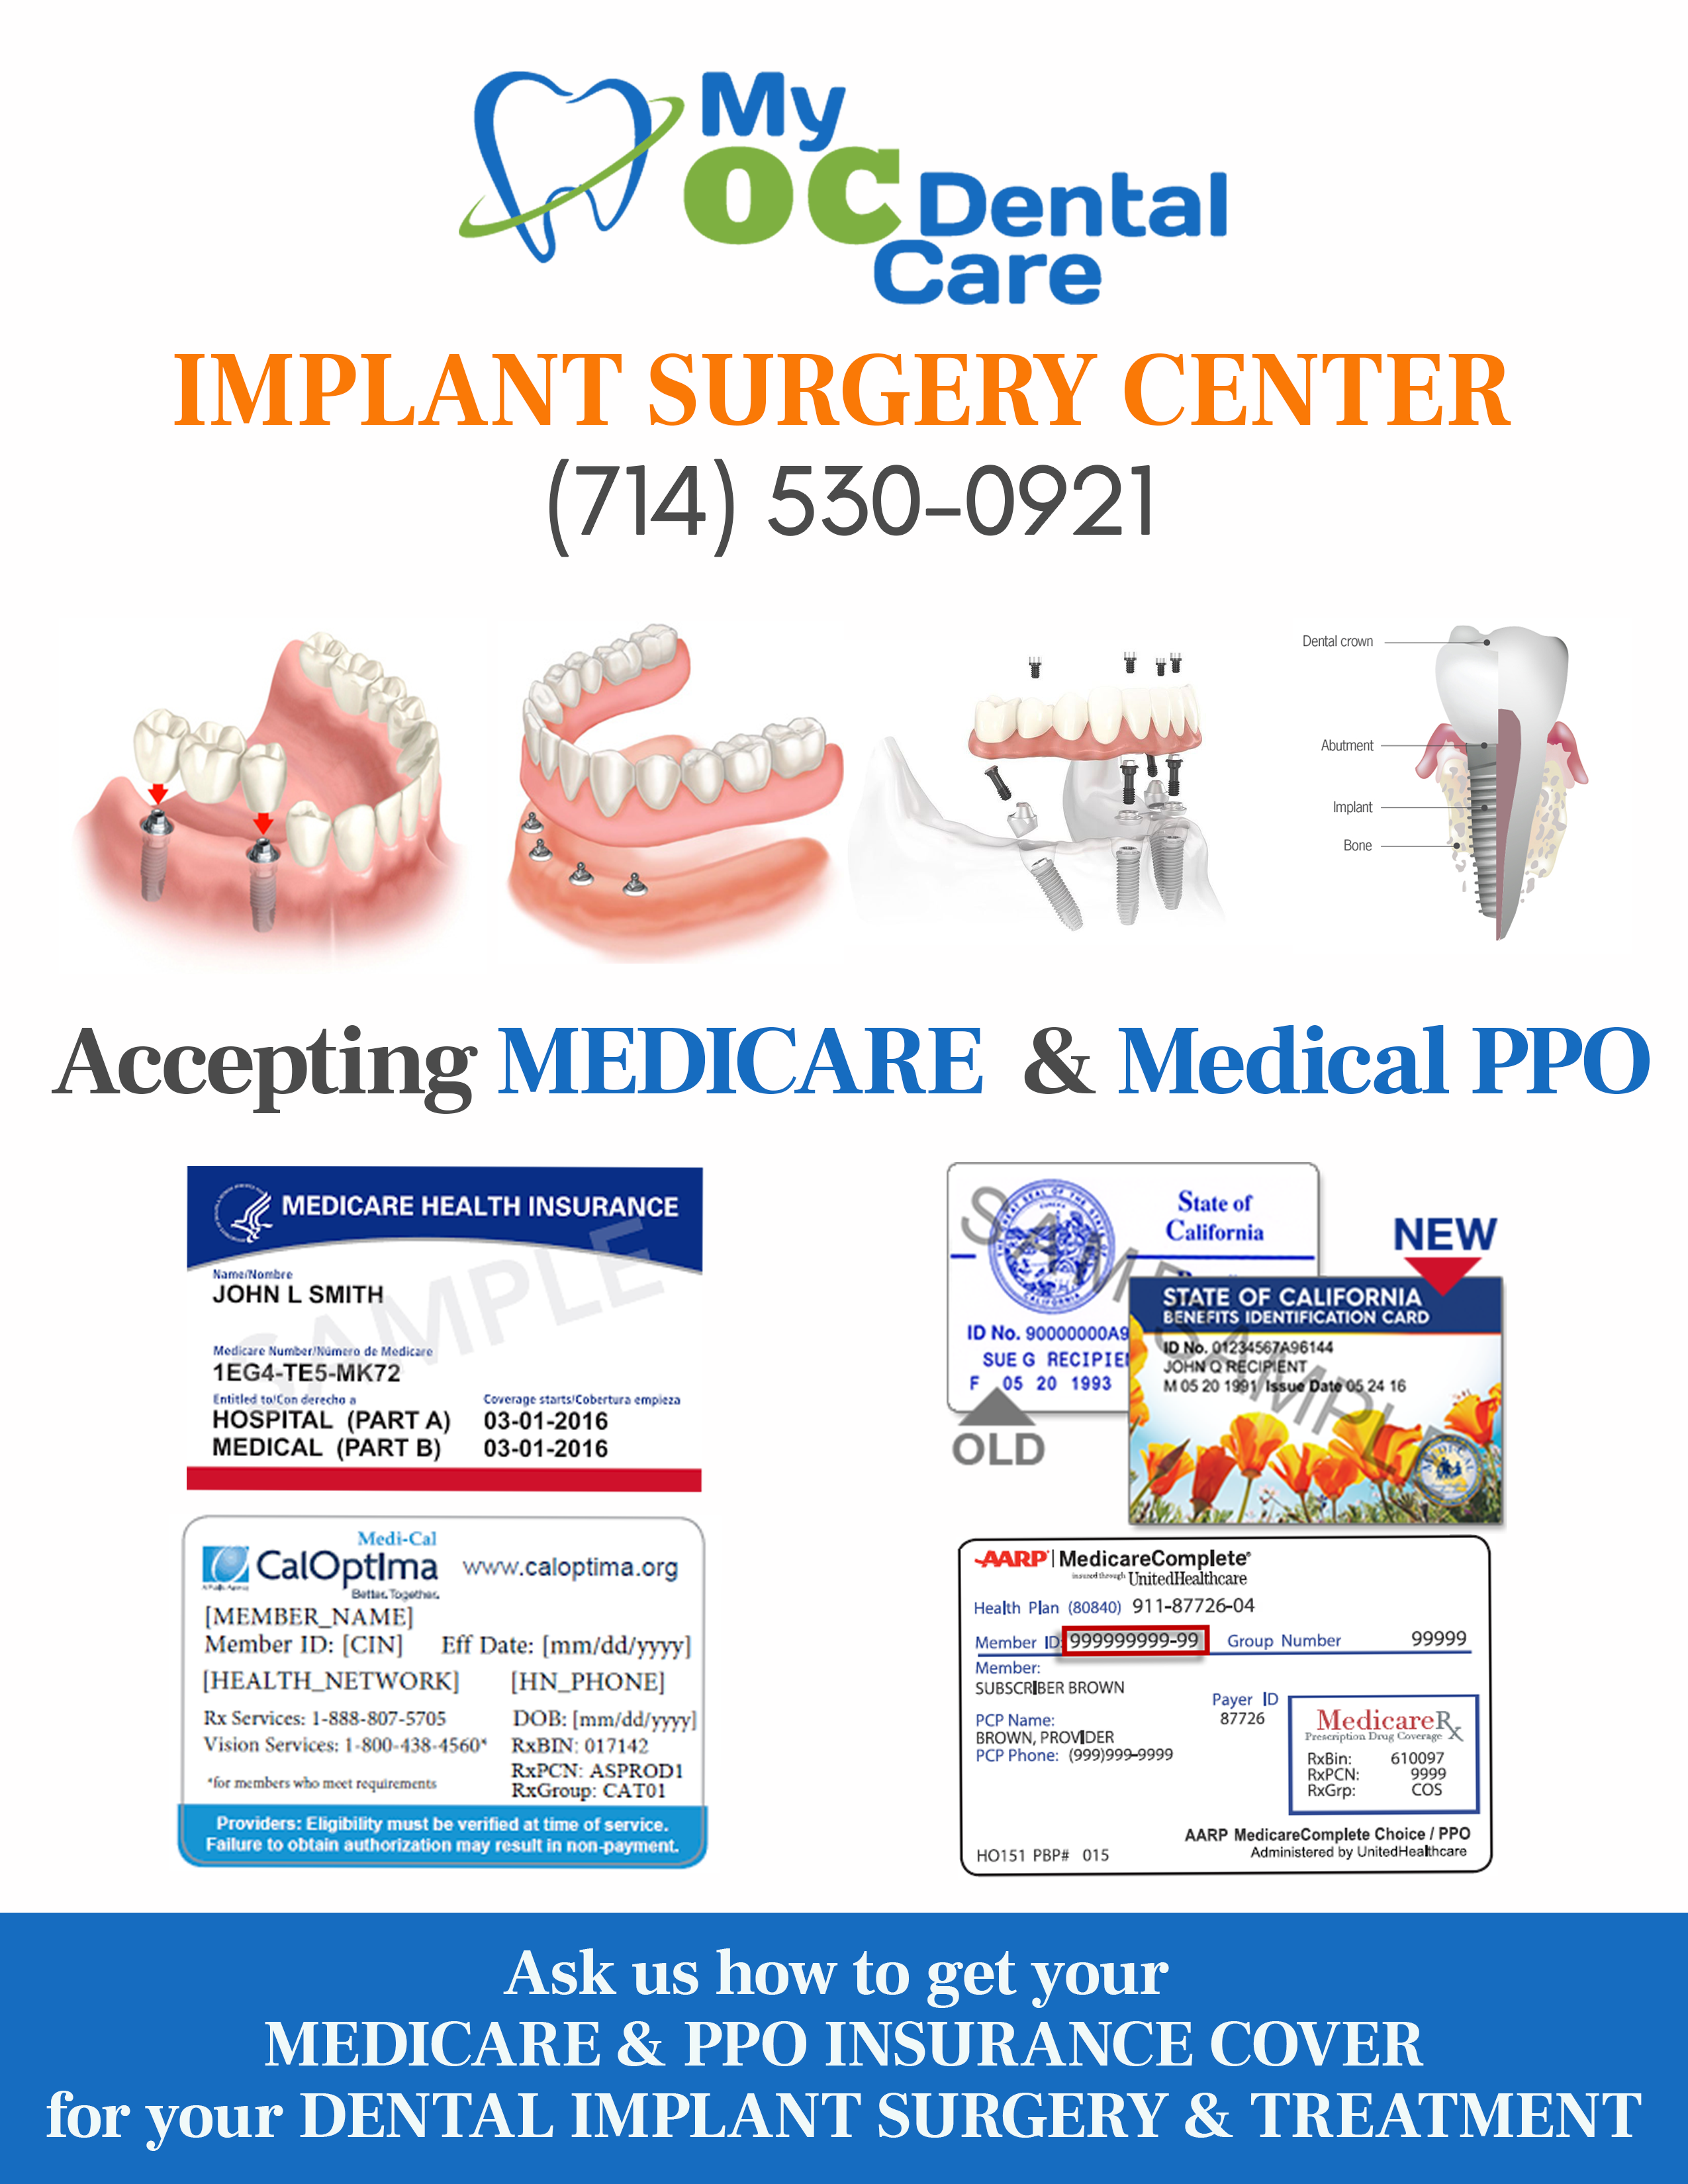 Medicare Dental benefit